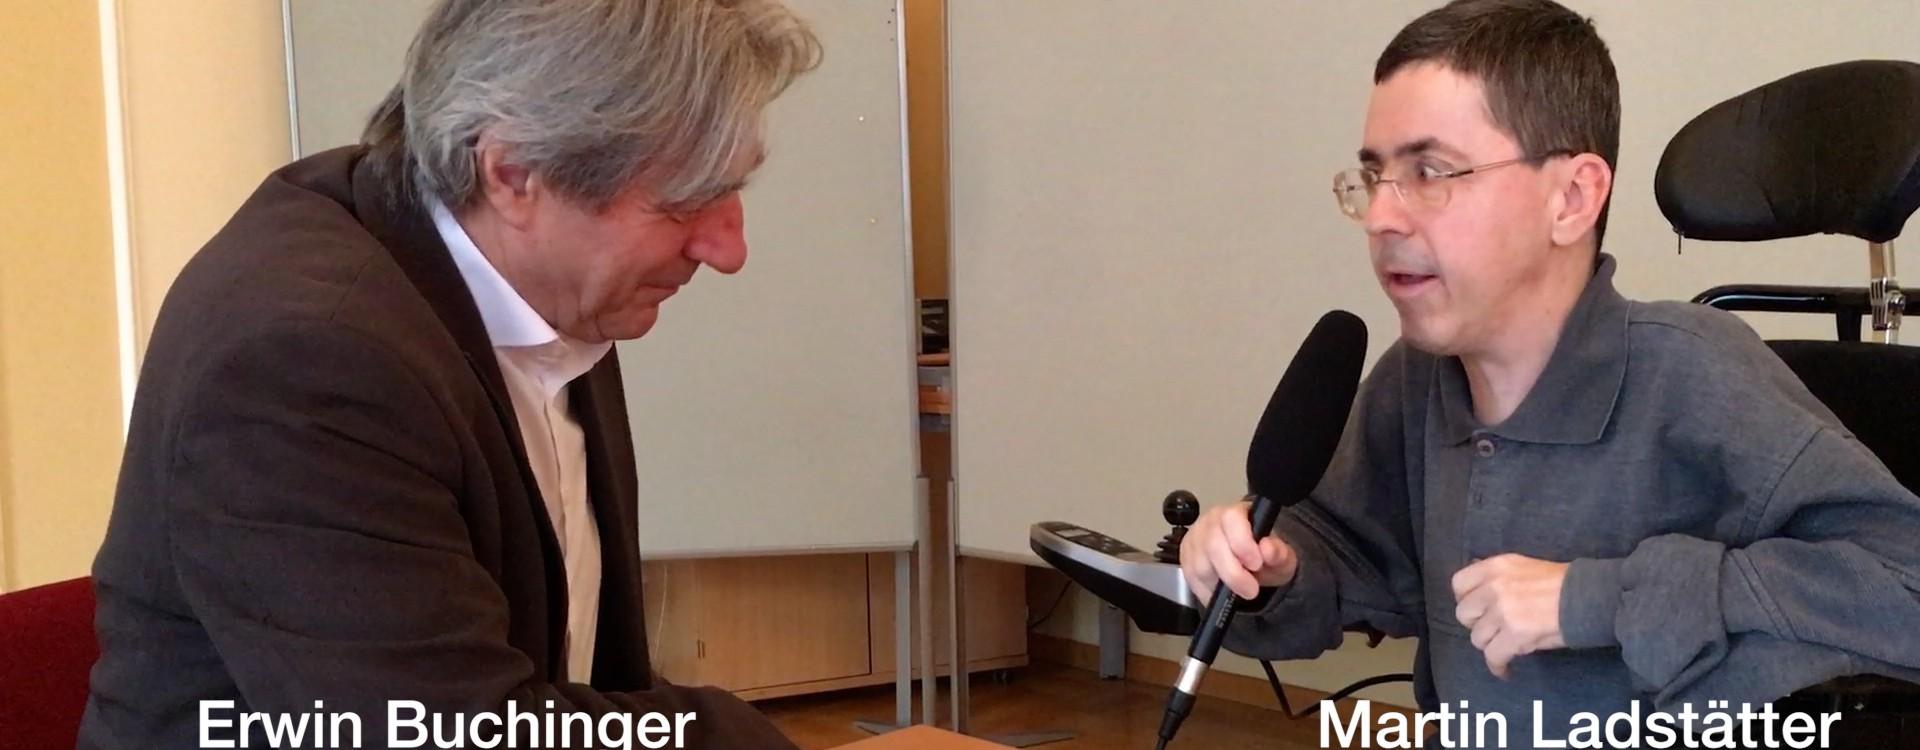 Erwin Buchinger wird von Martin Ladstätter interviewt. Sie sitzen bei einem Tisch. Martin Ladstätter hält ein Mikrofon.